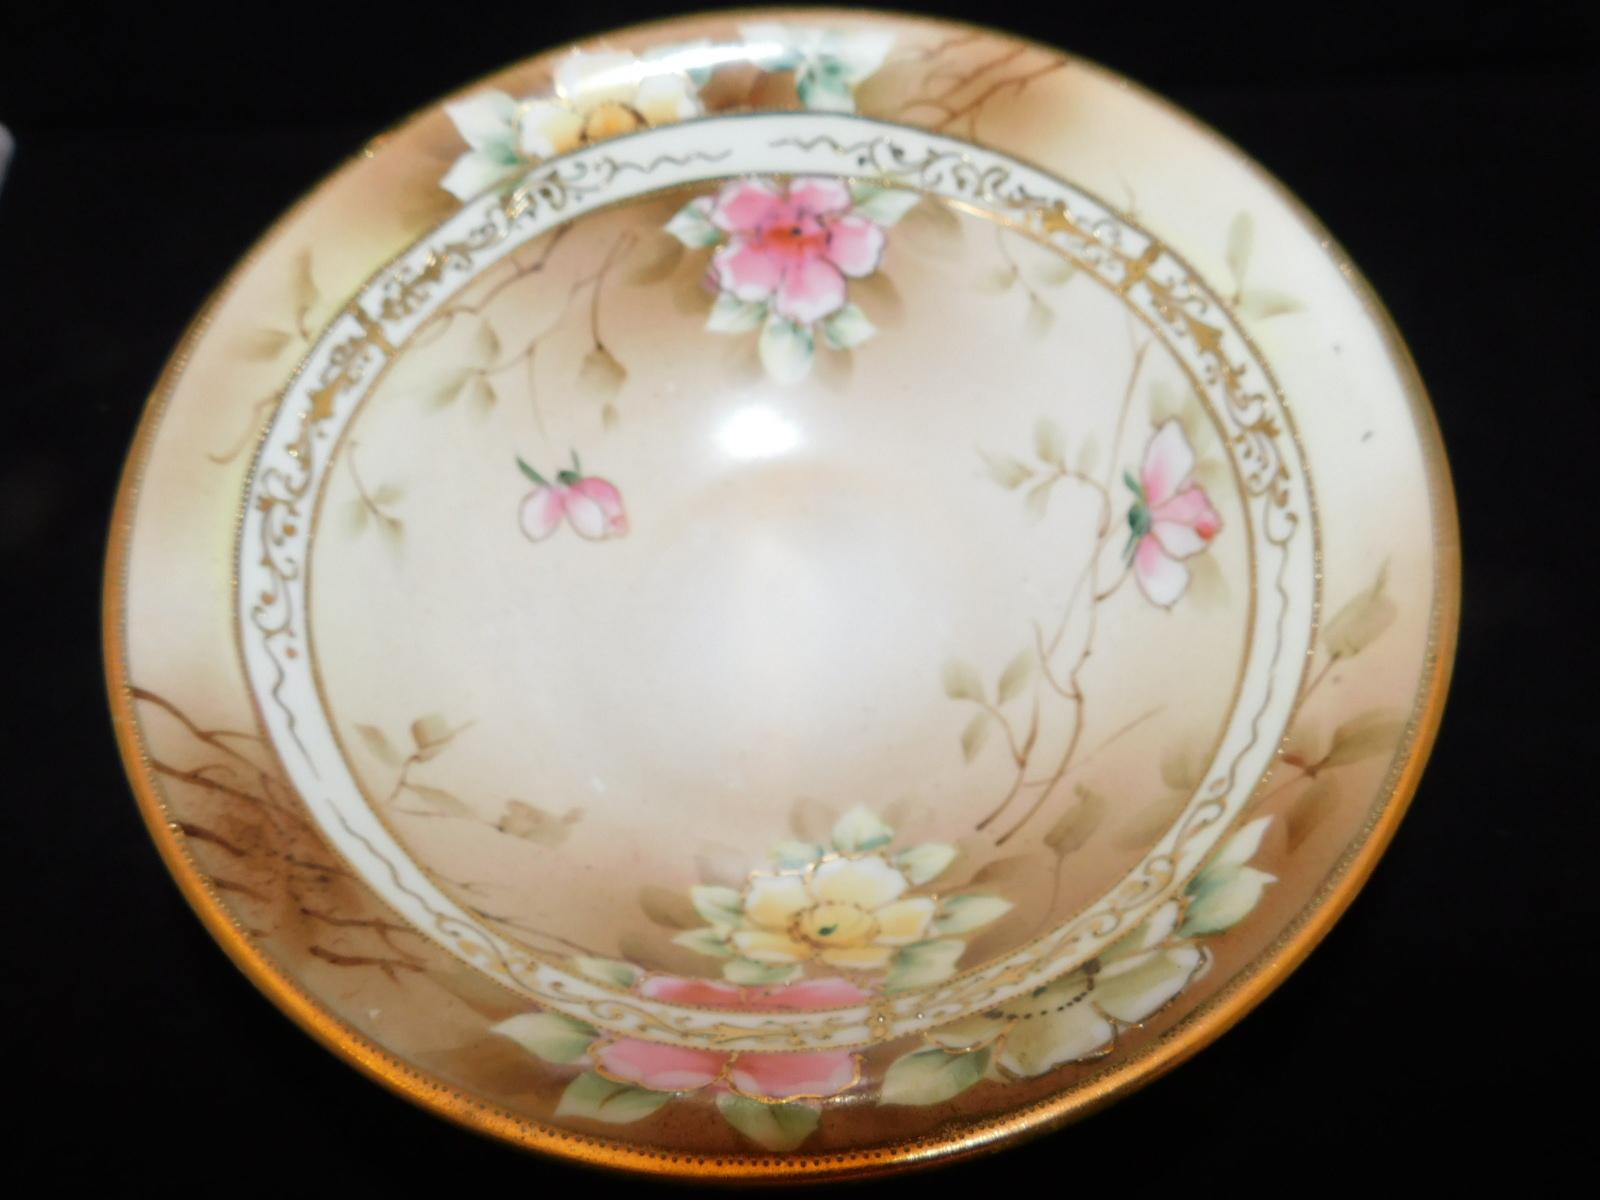 オールドオリタケ鉢 Early Noritake salad bowl (Hand Painted )